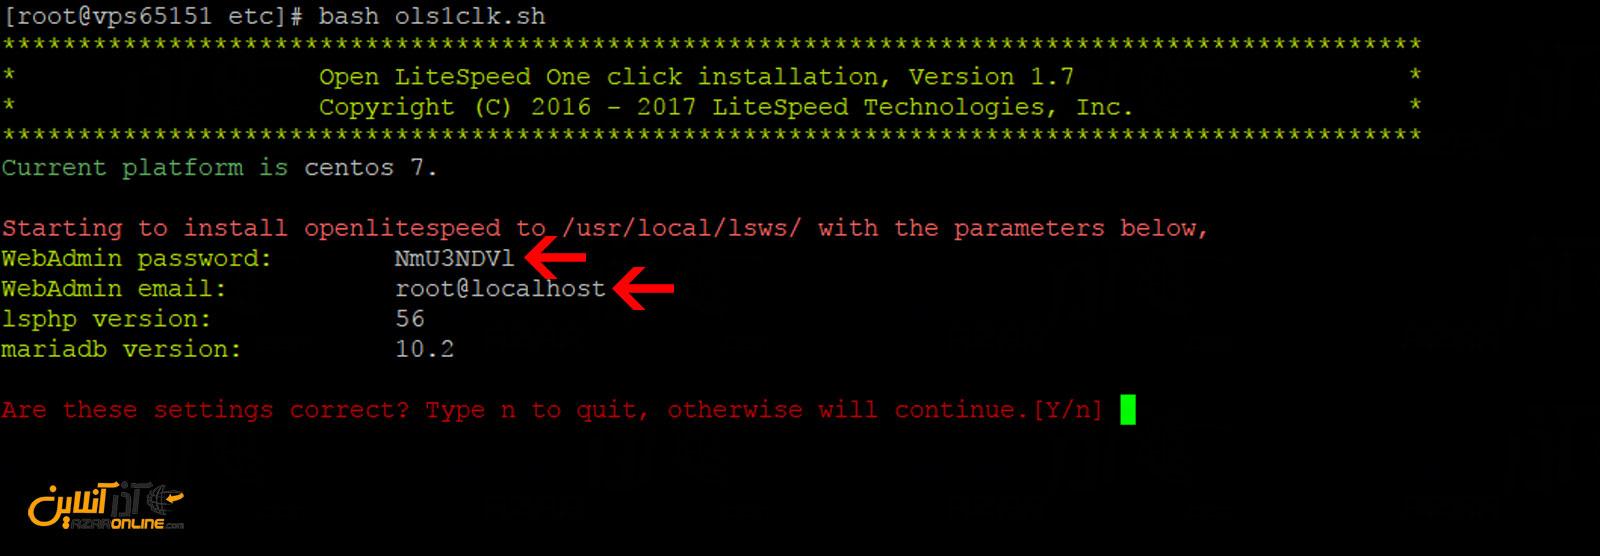 شروع نصب لایت اسپید در Centos 7 و نمایش پسورد ورود به داشبورد